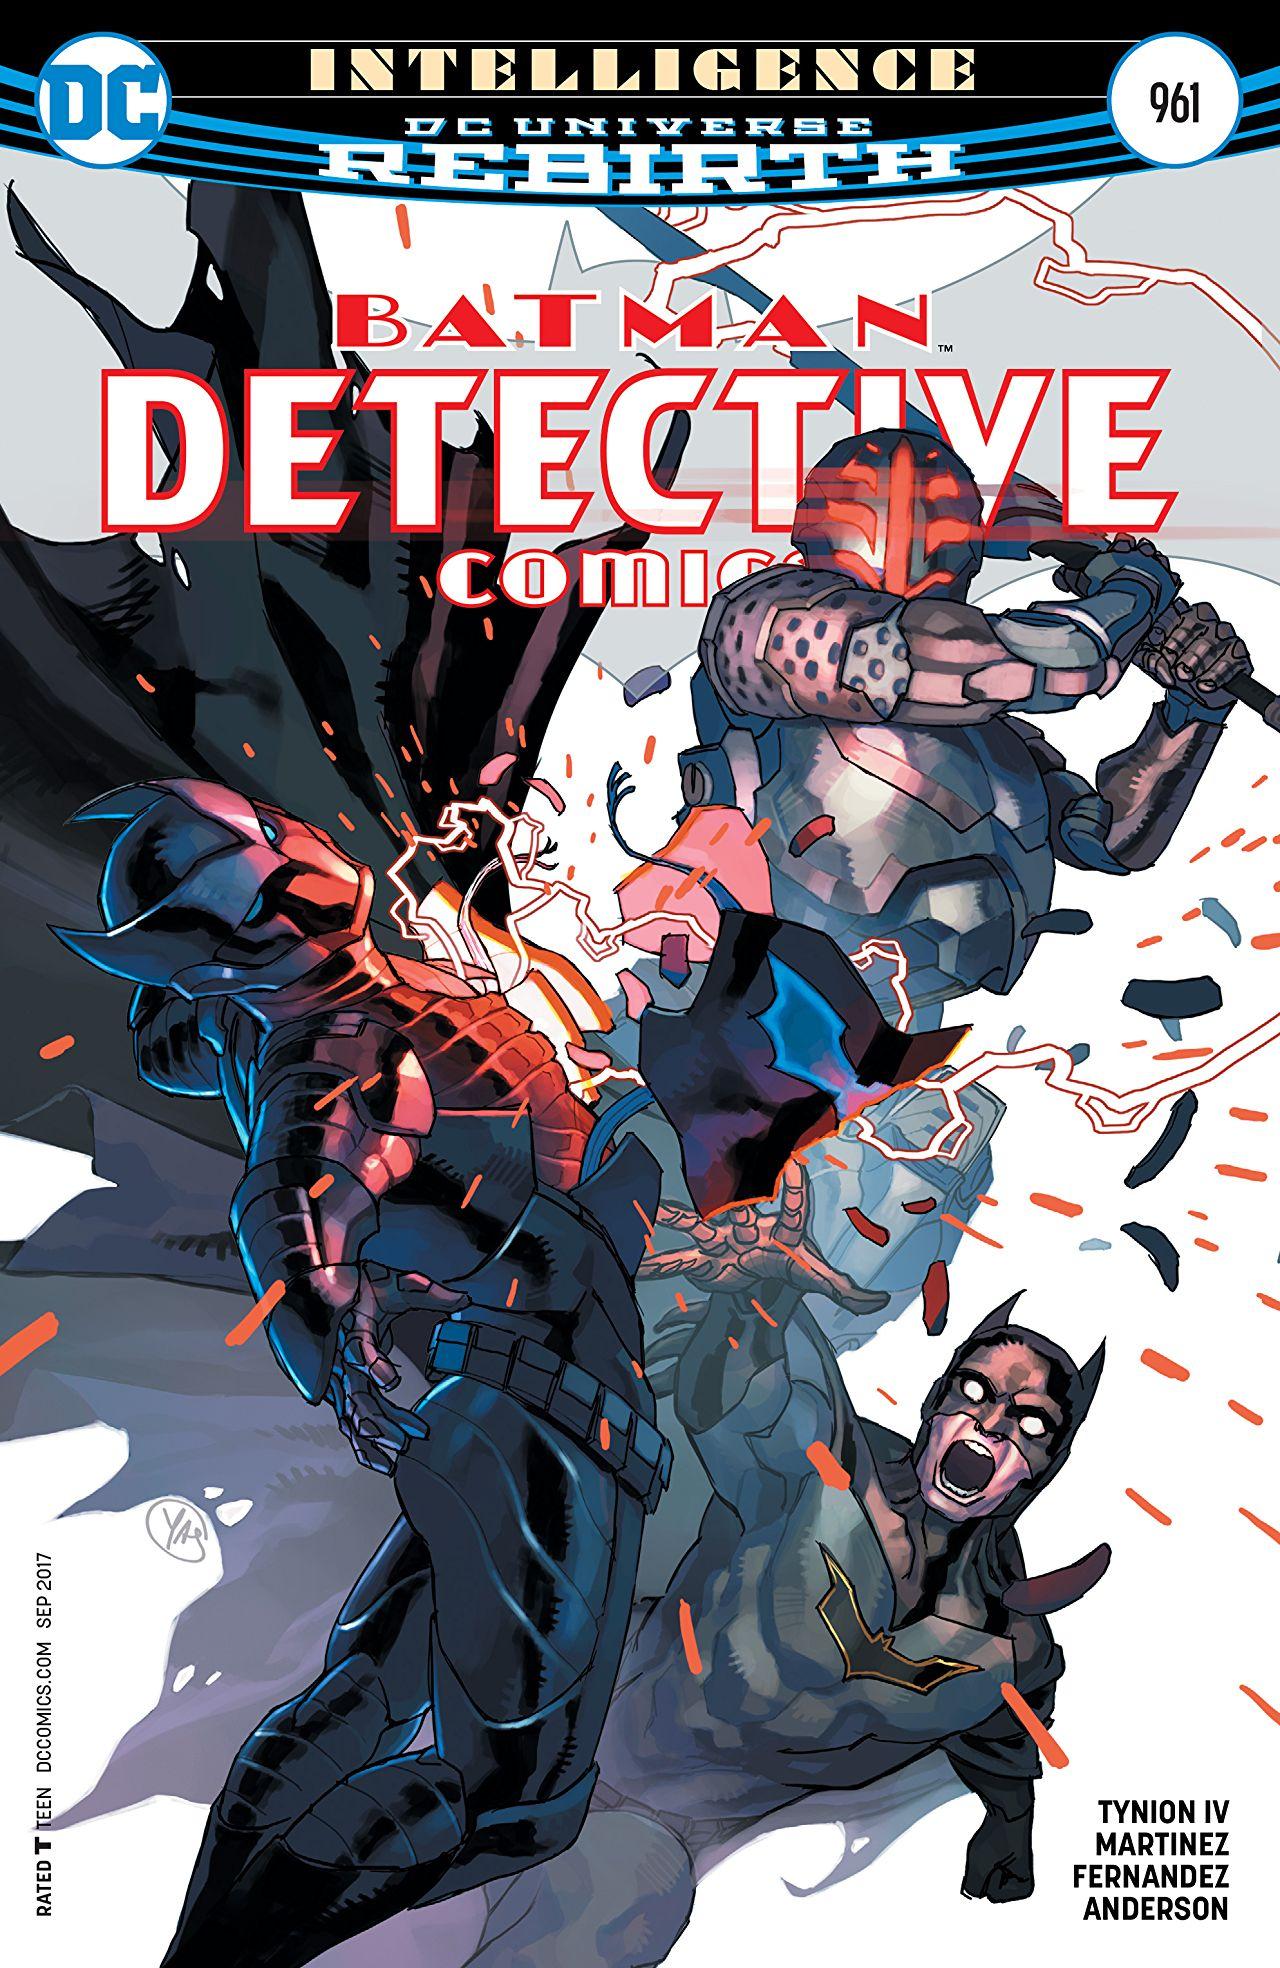 Detective Comics Vol 1 961